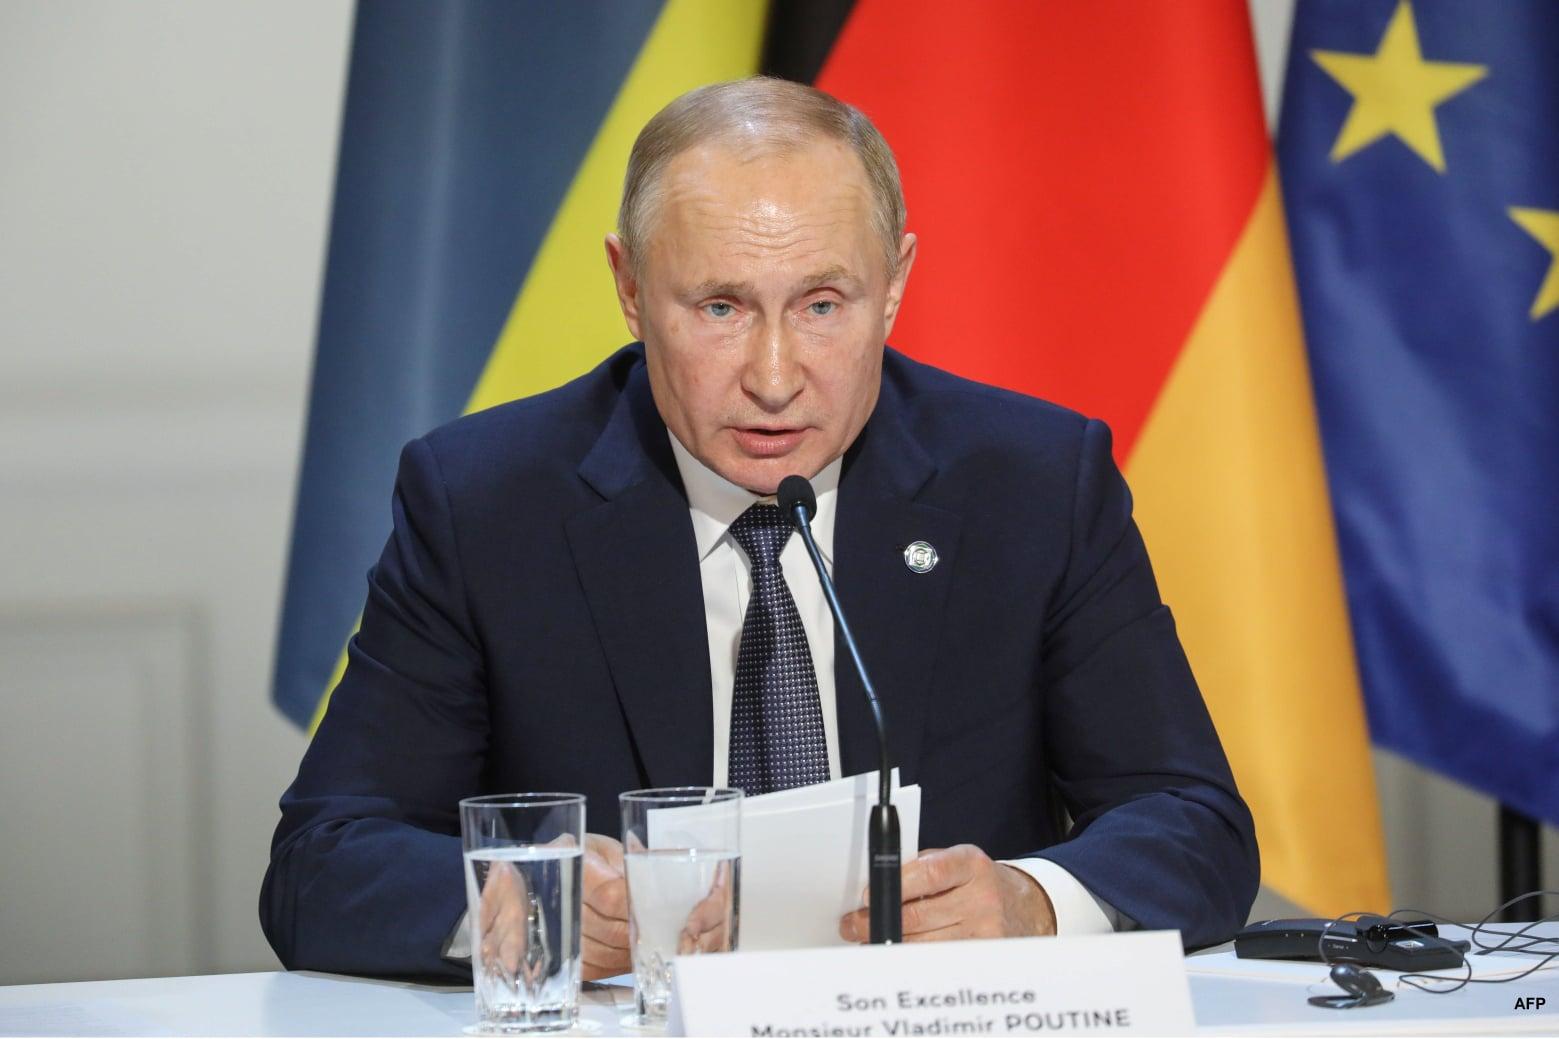 Донбасс, Зеленский, Мартыненко, Нормандский формат, Сурков, Путин, Меркель.